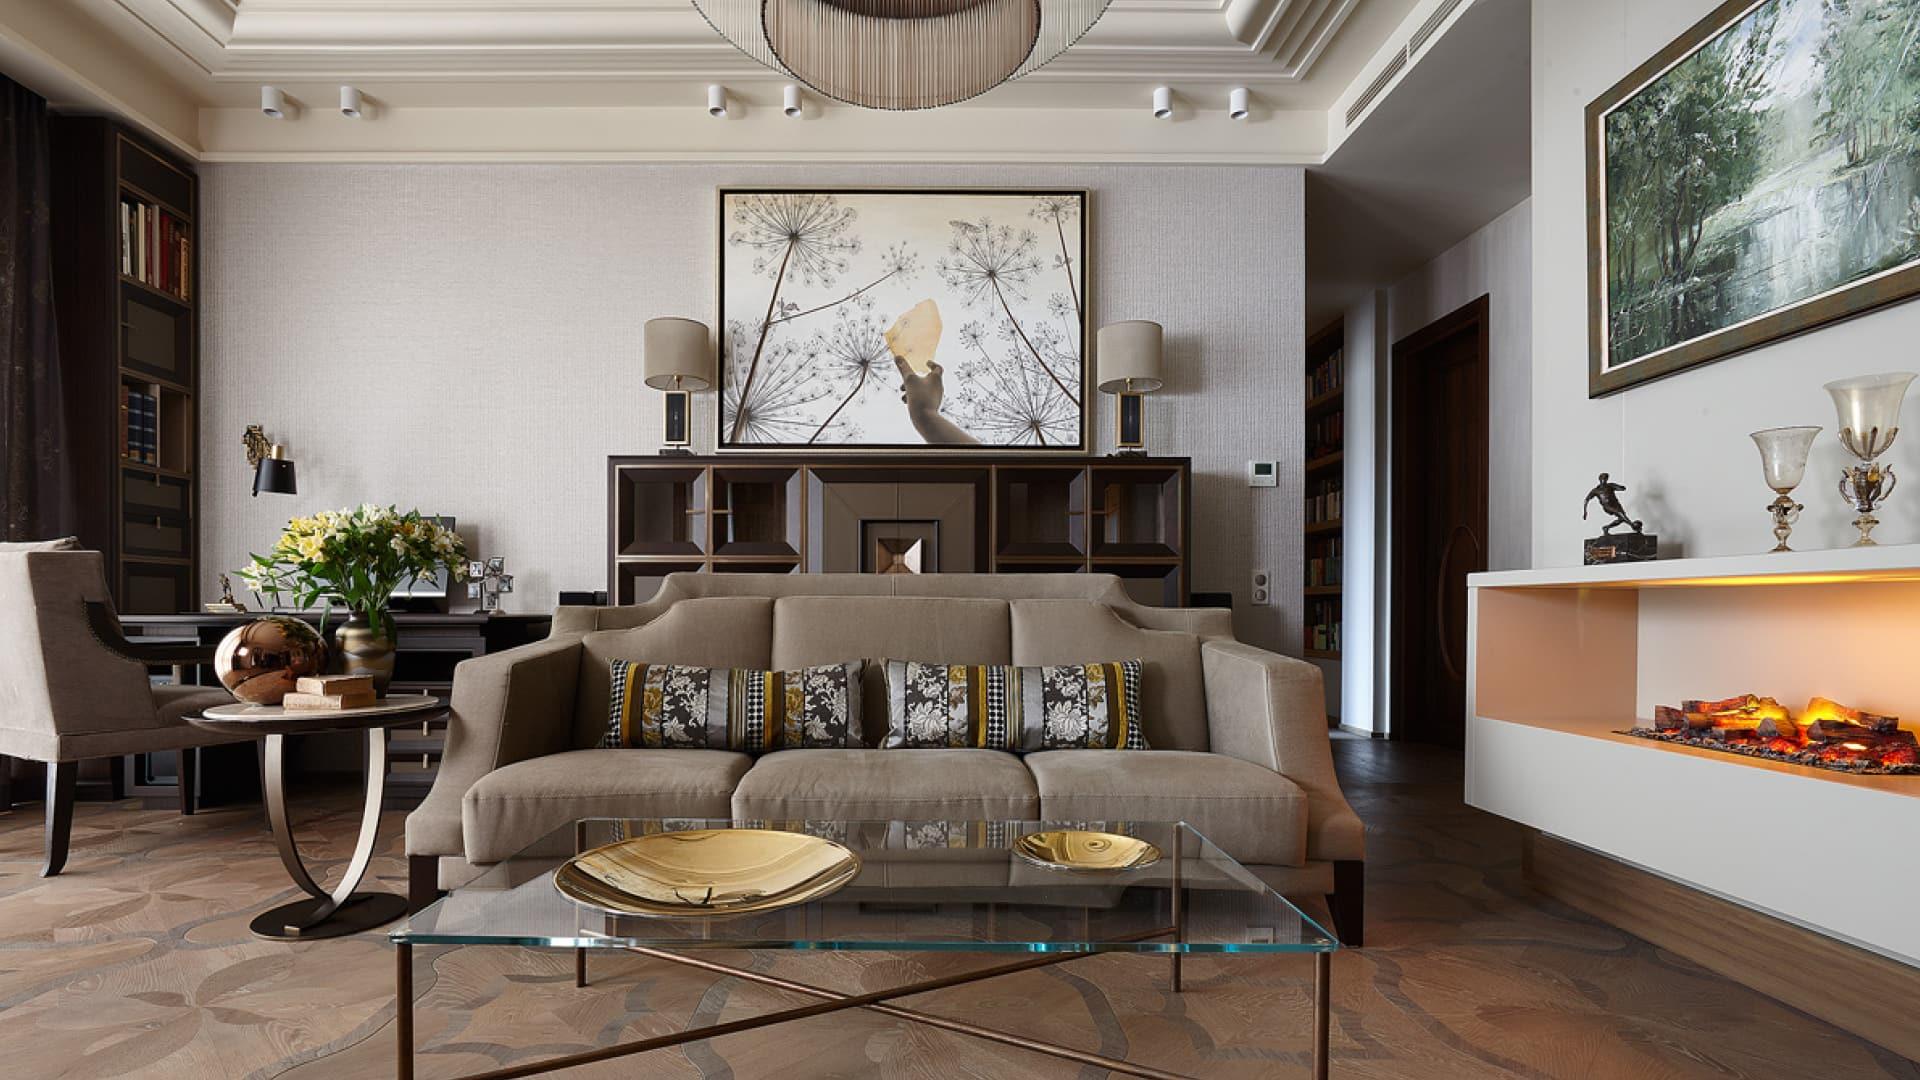 Luxury interior fabrics